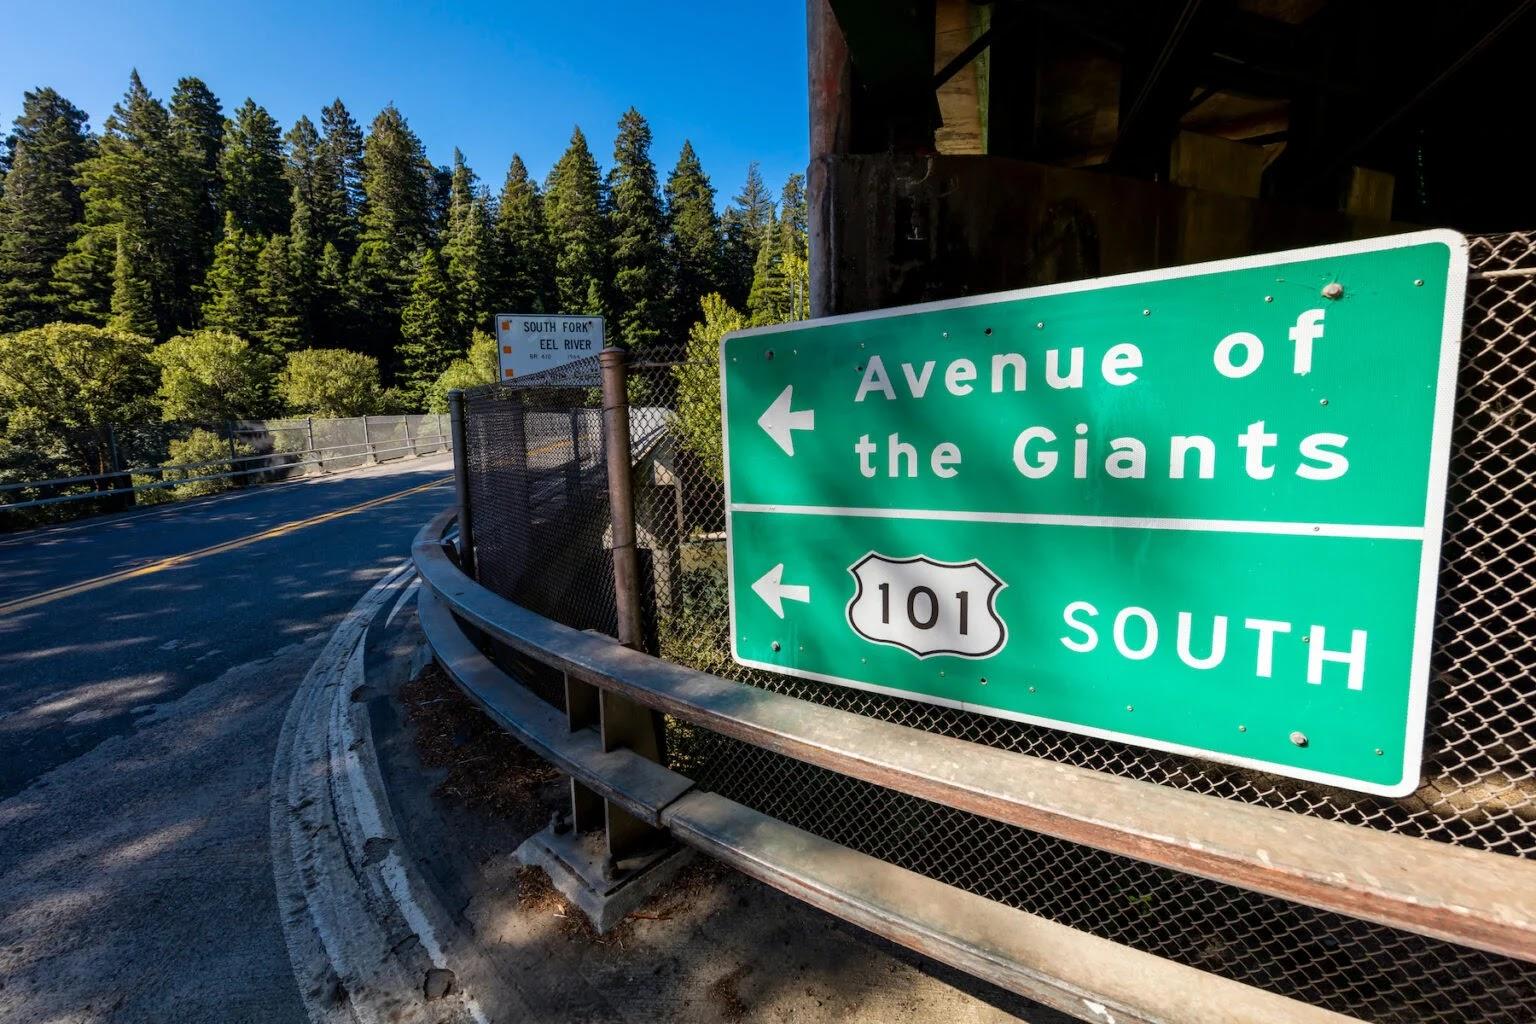 Гигантские секвойи в США. Авеню гигантов в Калифорнии